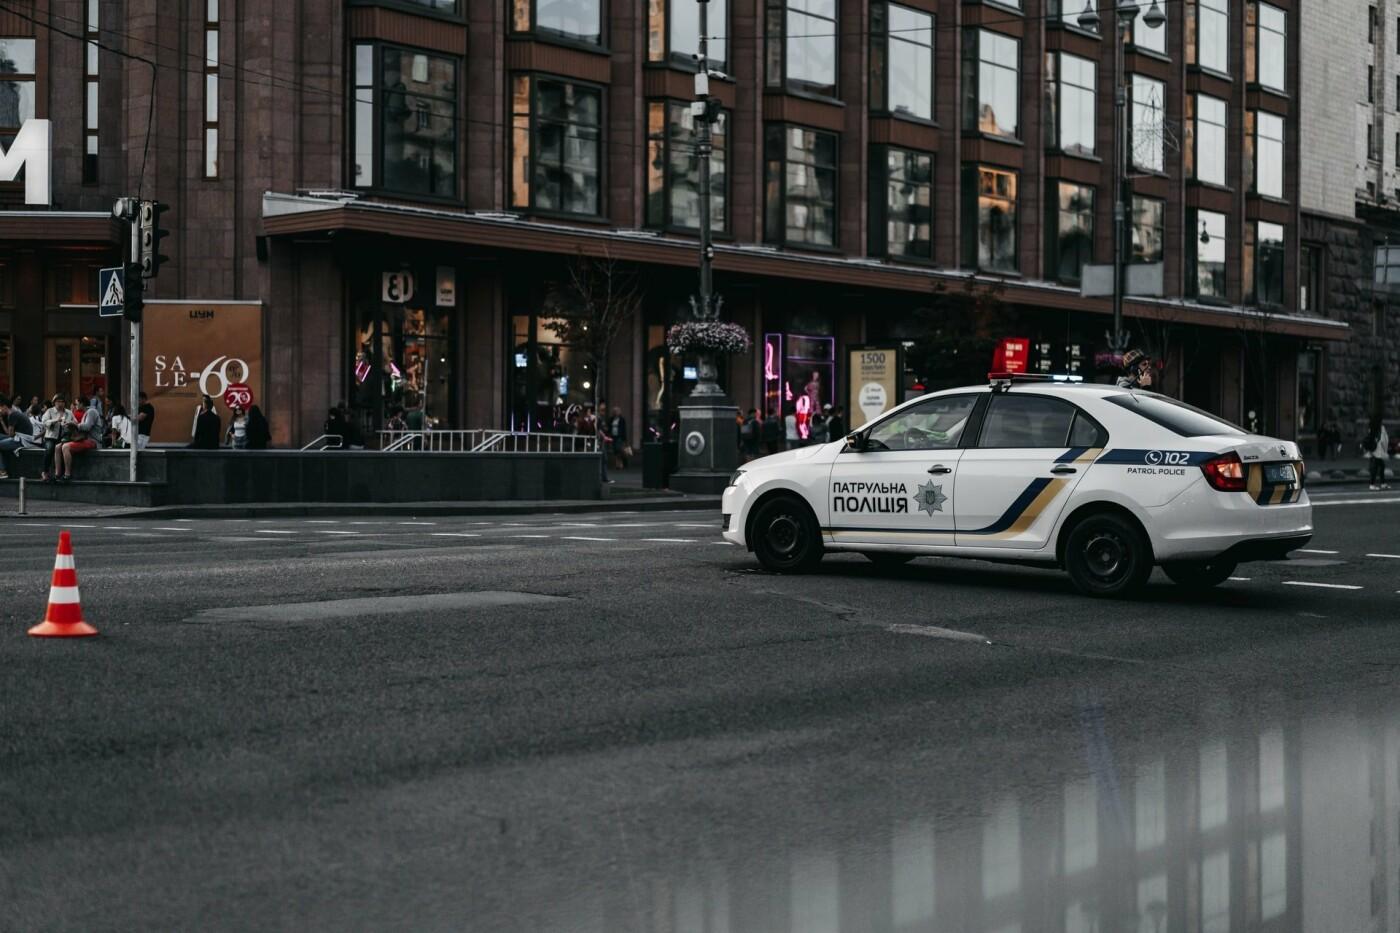 ТОП-5 причин стать украинским полицейским и как это можно сделать в Киеве, Фото: Eugene Chystiakov